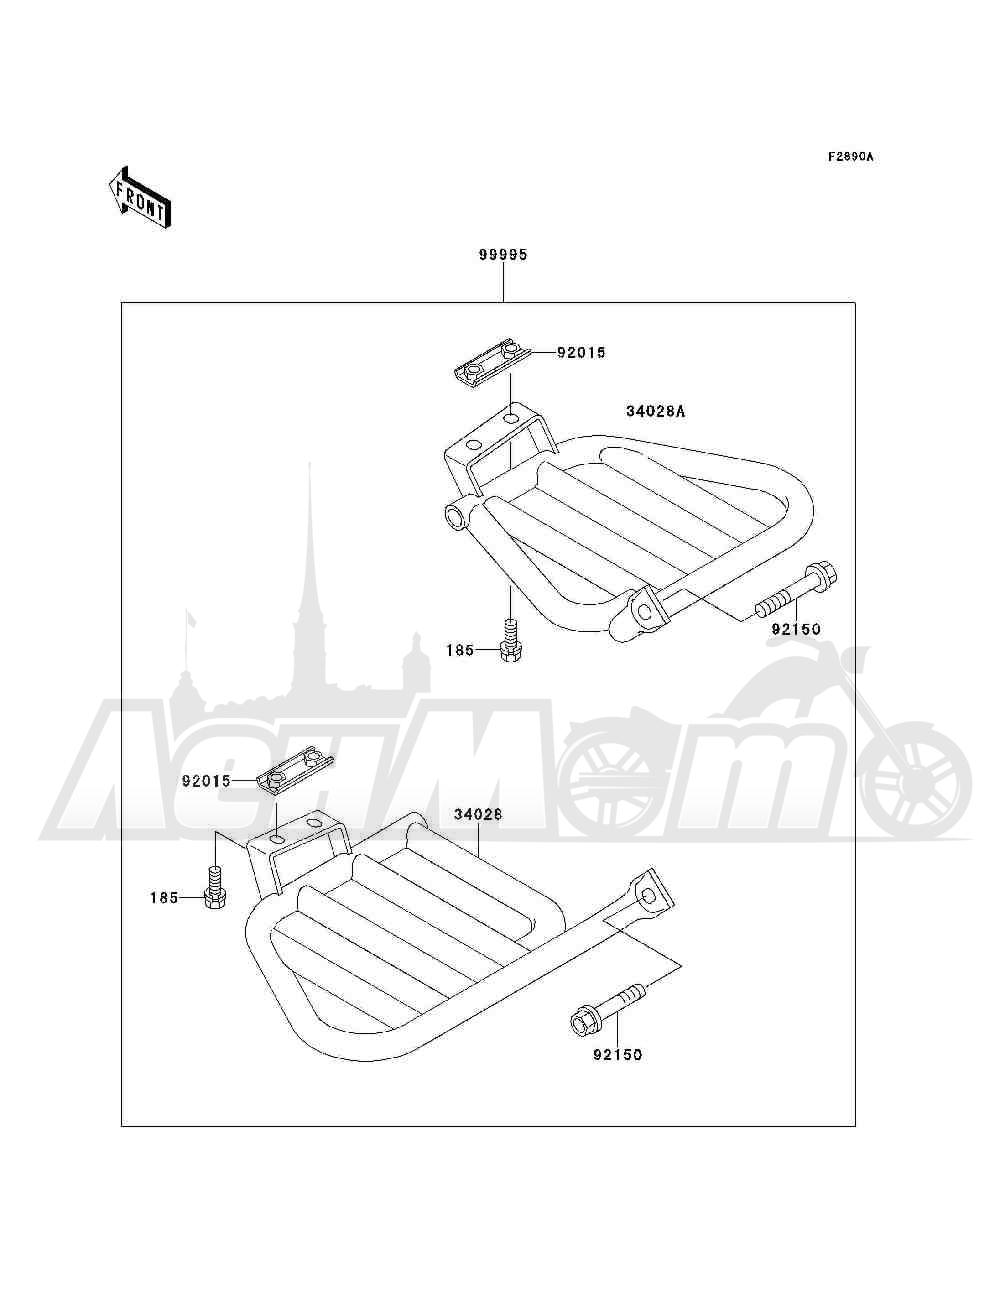 Запчасти для Квадроцикла Kawasaki 1994 BAYOU 300 4X4 (KLF300-C6) Раздел: OPTIONAL PARTS(FOOTRESTS) | опционально детали (подножки)